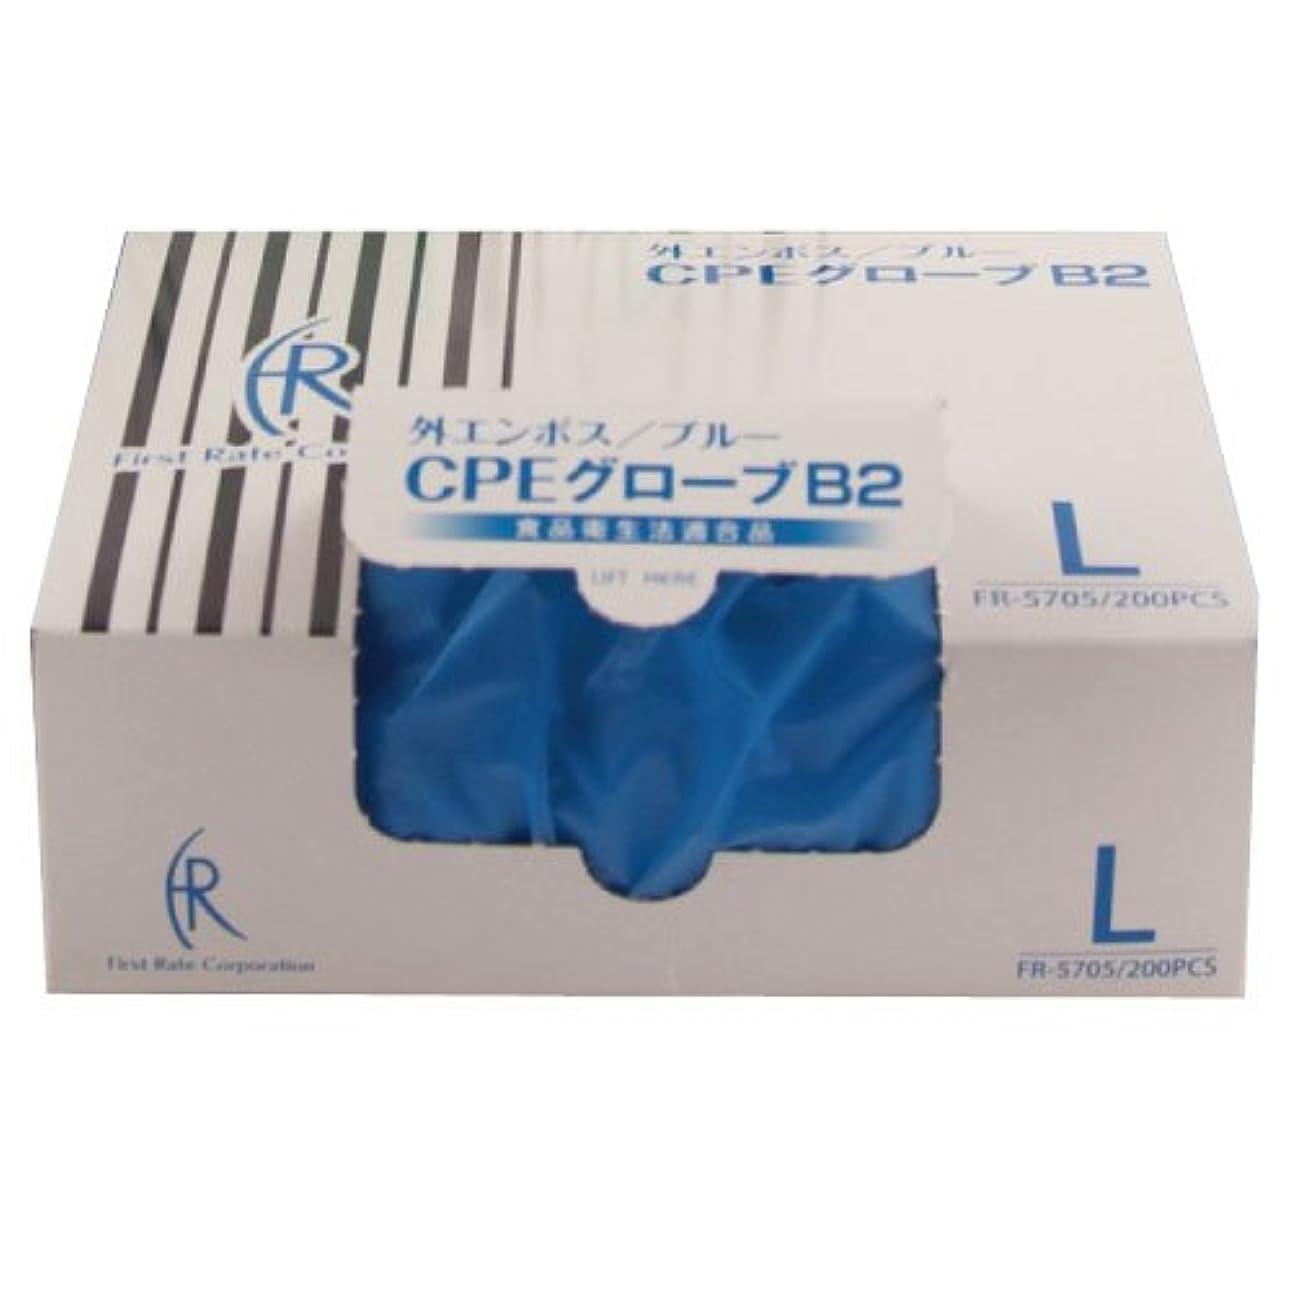 ずっと恐ろしいですスプリットファーストレイト CPEグローブ2(ブルー) FR-5705(L)200マイイリ